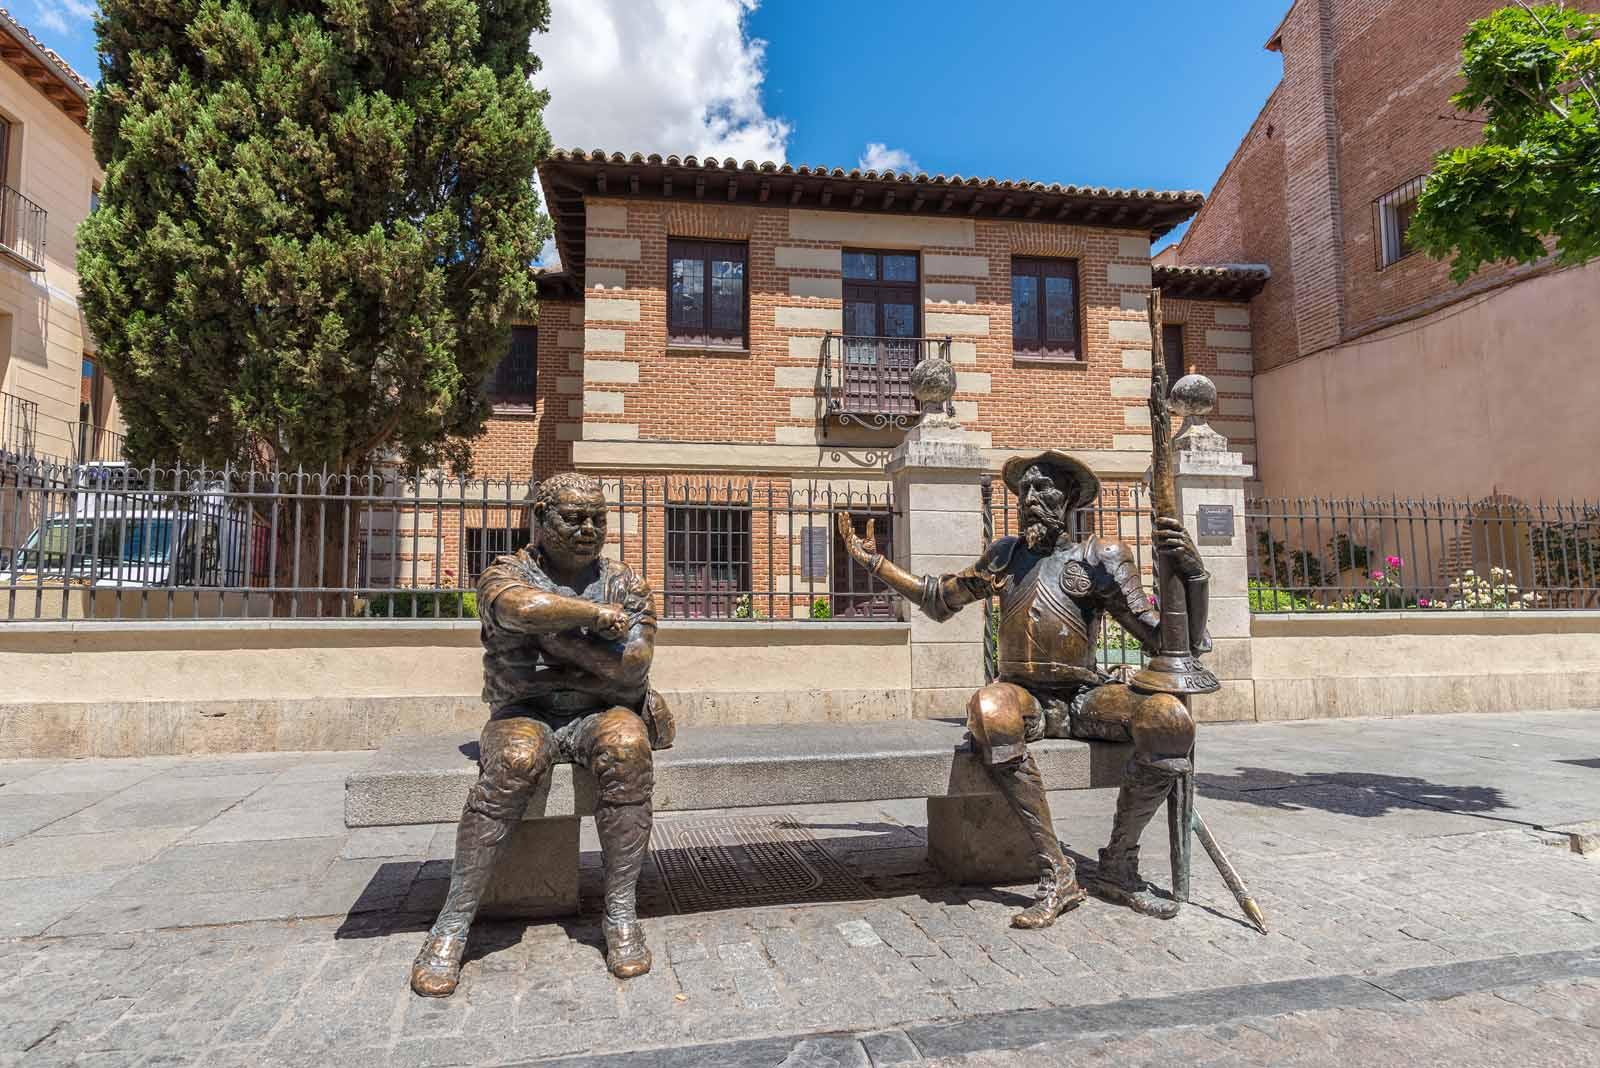 Alcala imprescindible visita madriz - Arquitectos alcala de henares ...